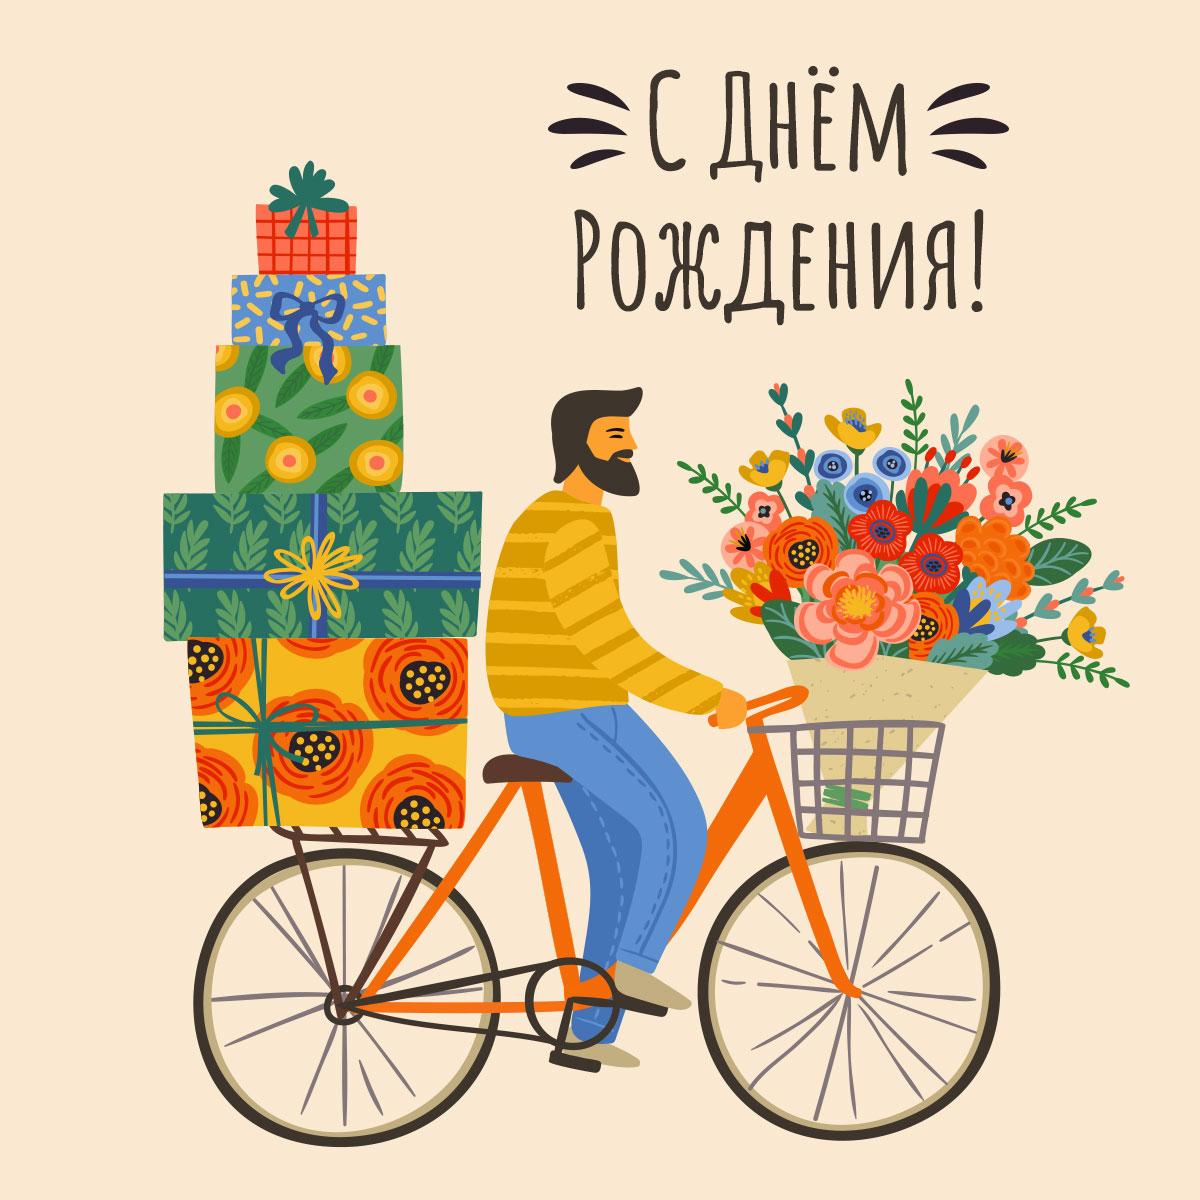 Картинка открытка ко дню рождения подруге с мужчиной на велосипеде с упакованными подарками и букетом цветов в корзине.